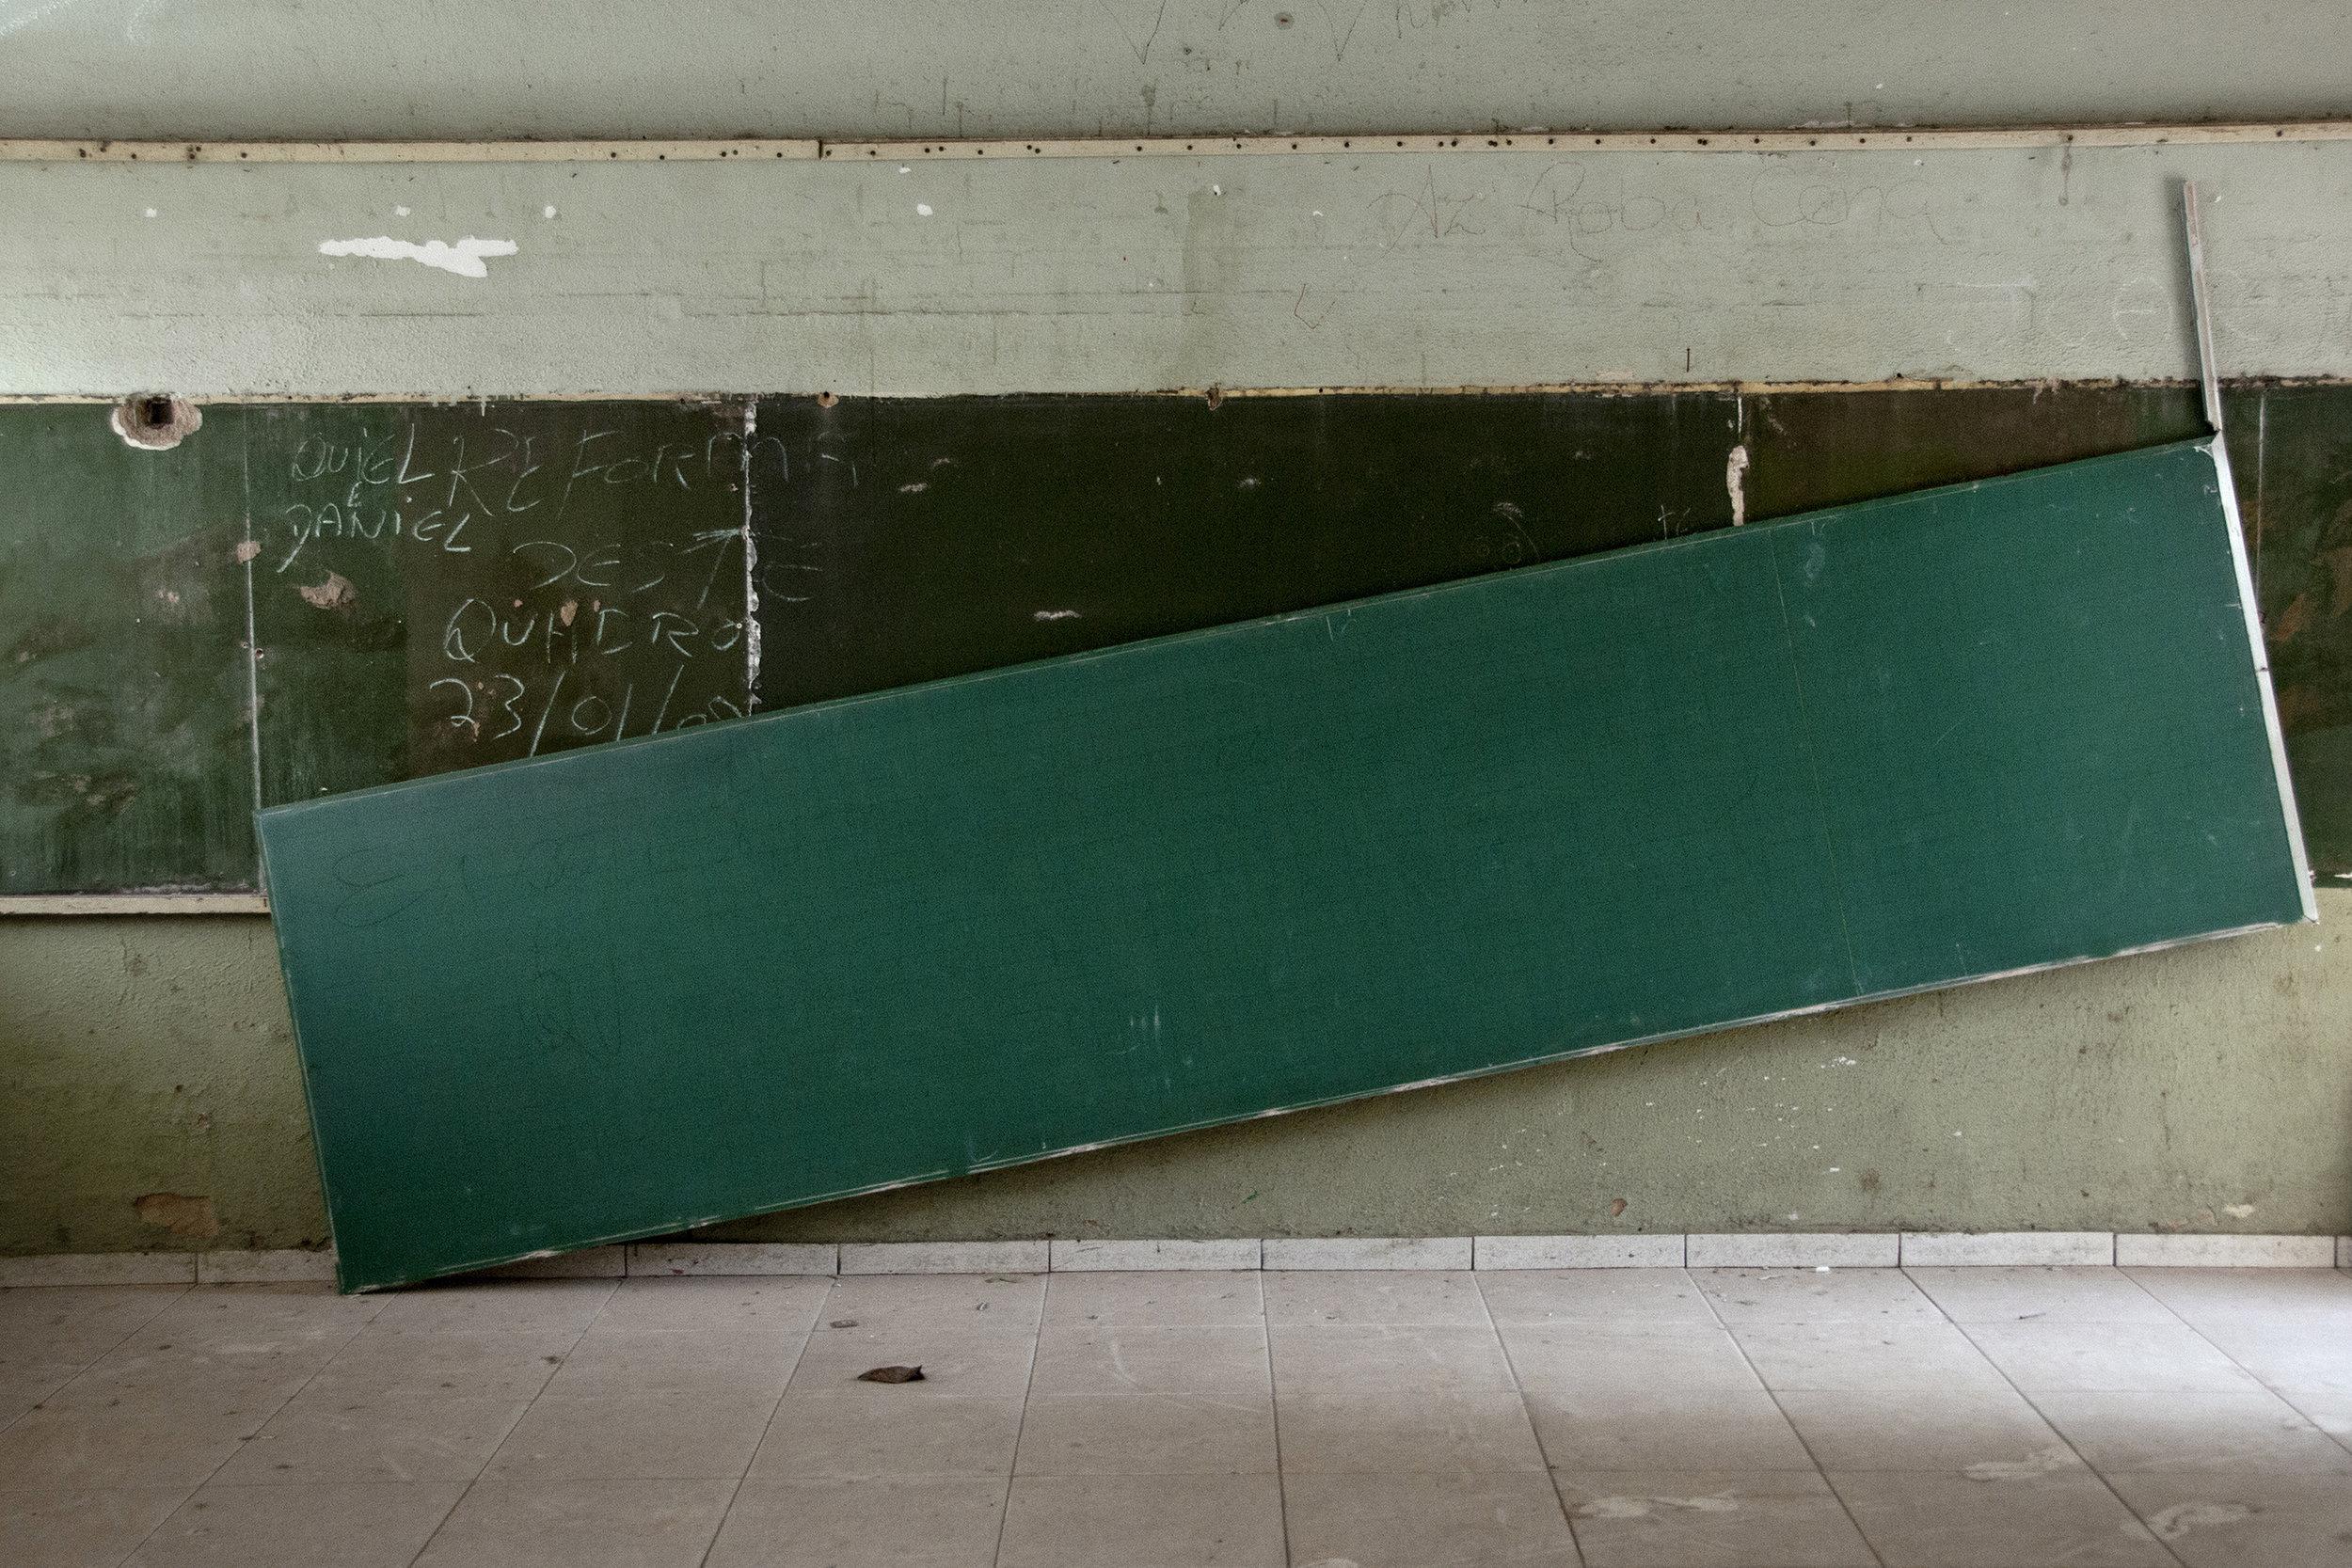 Education_for_all_Guilherme_Bergamini_03.jpg